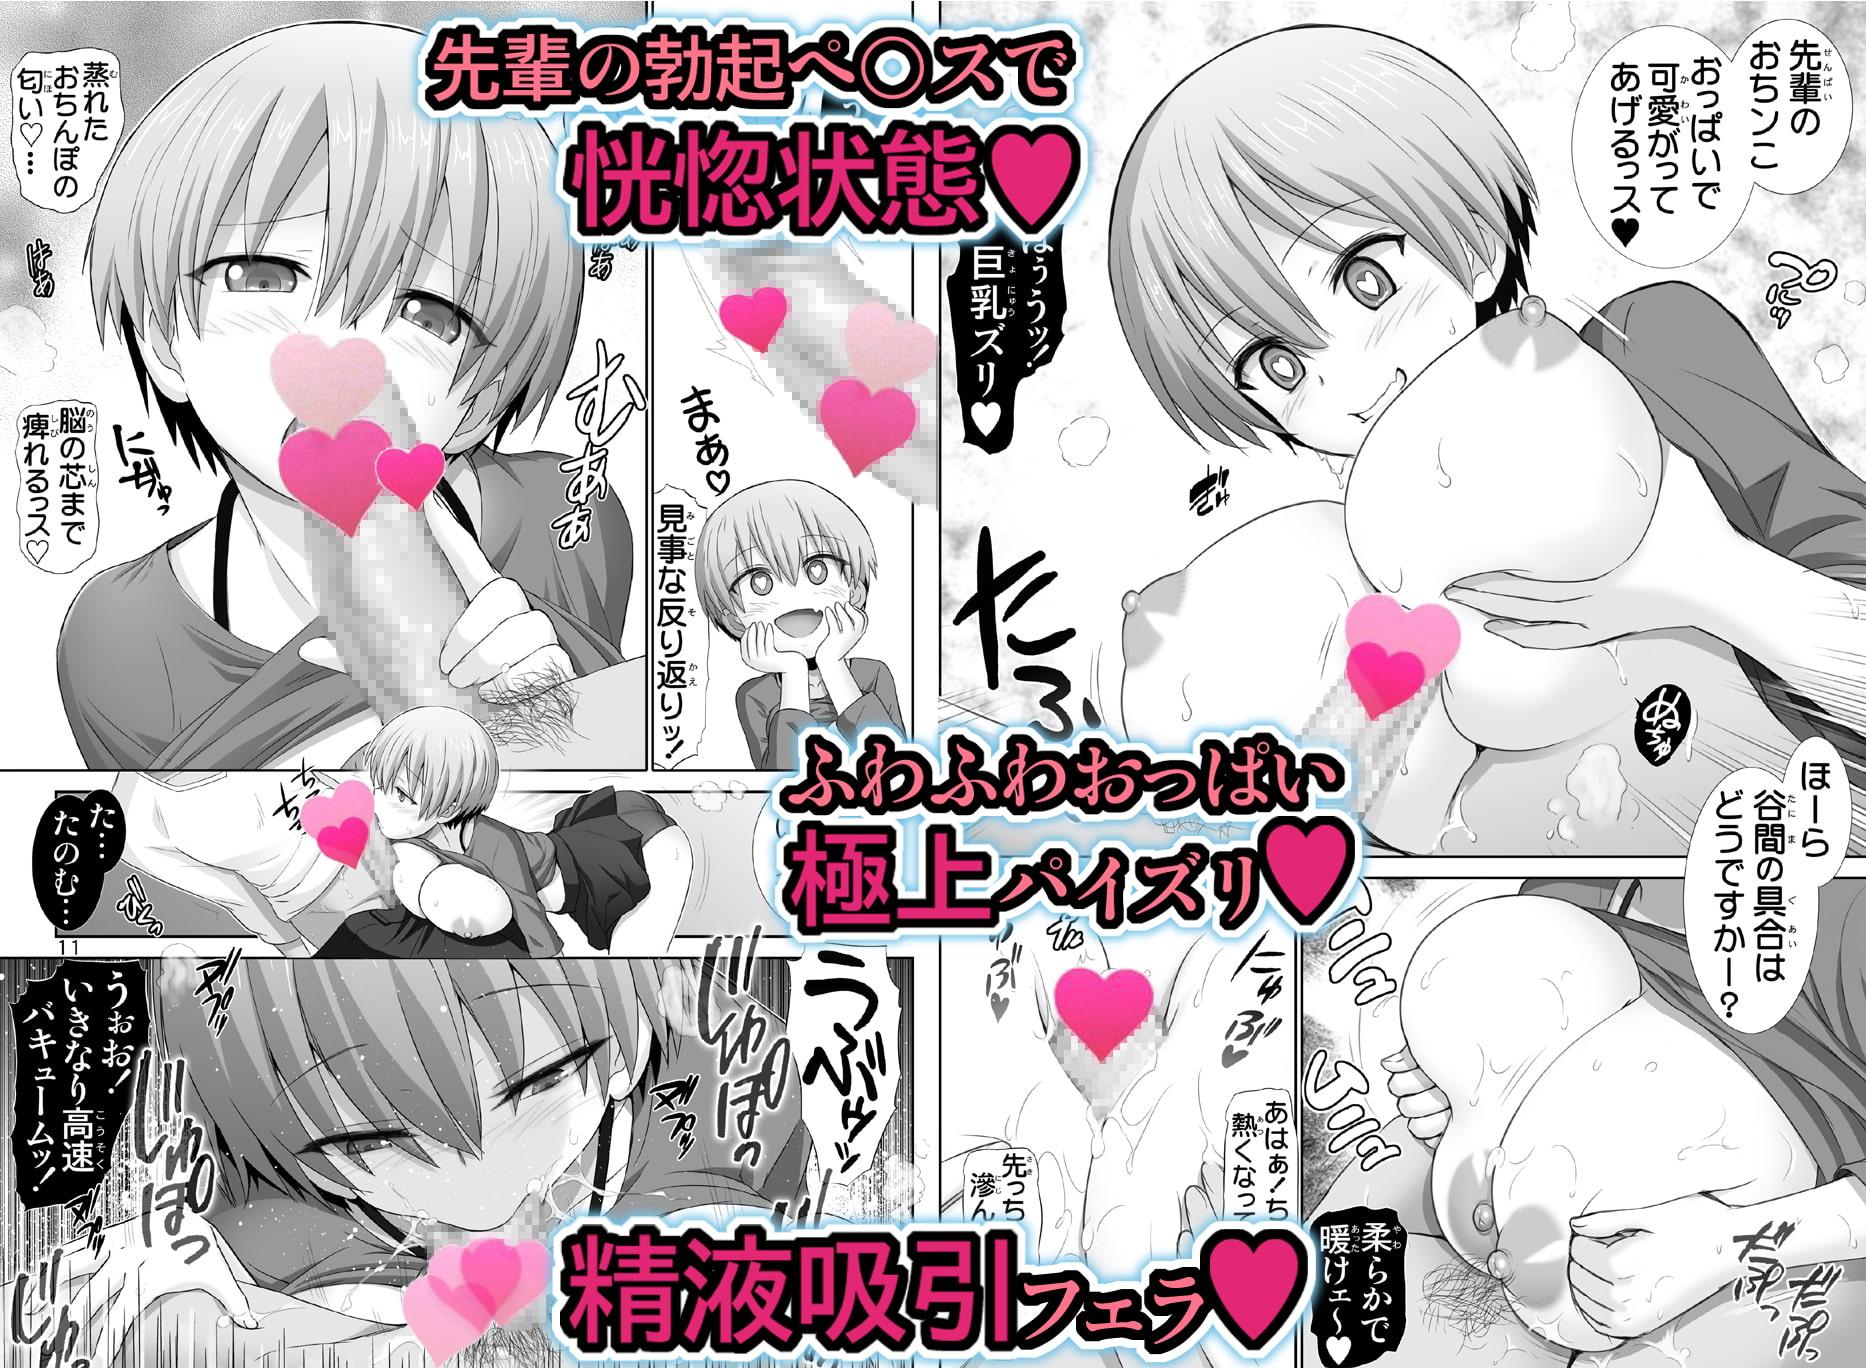 宇崎ちゃんはパコりたい【ウザカワ系巨乳娘・淫行体験!】3